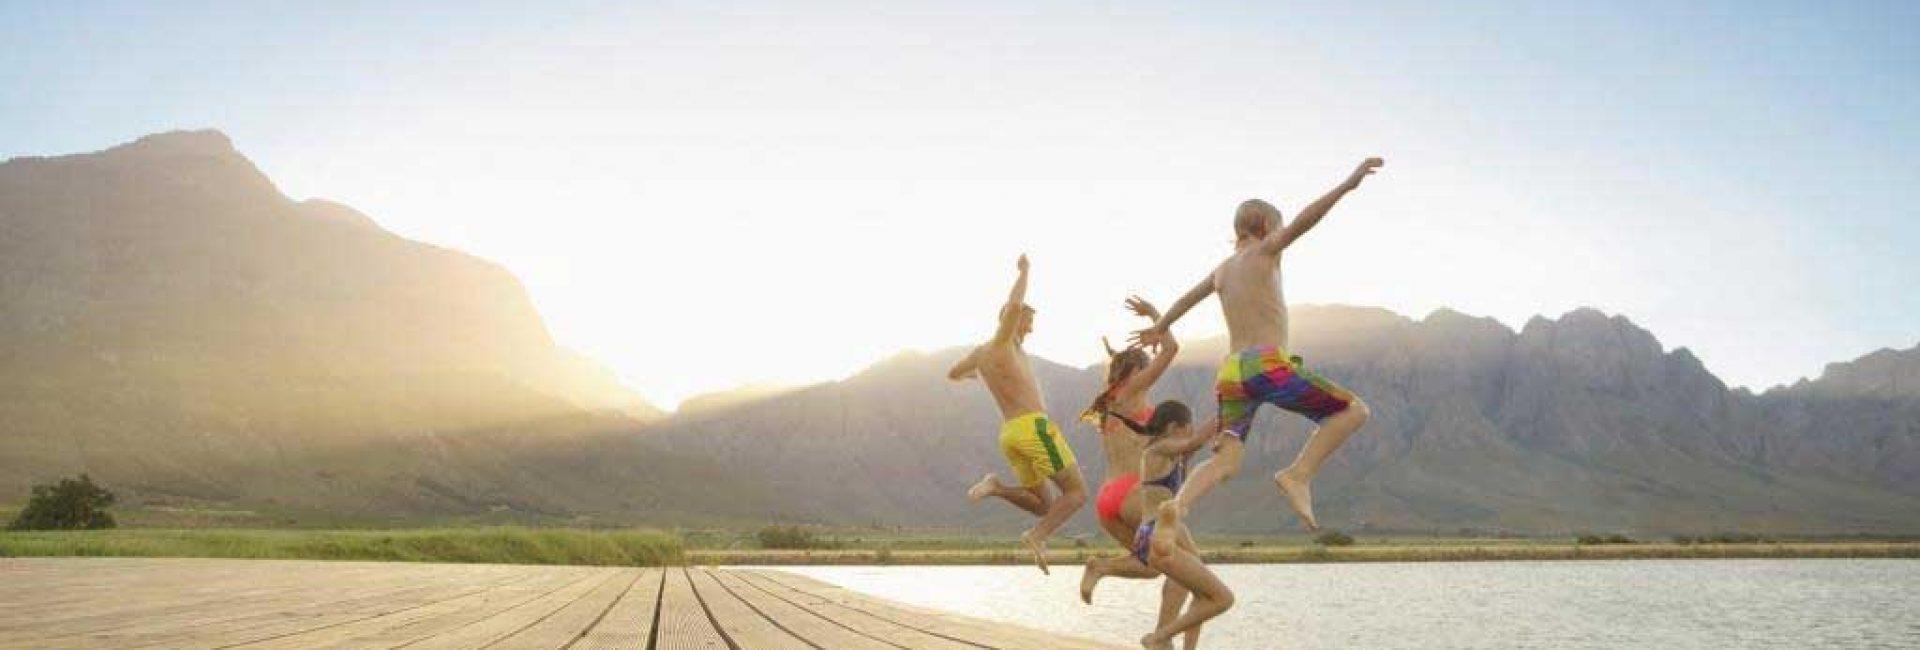 PROMOS Location vacances en départ du 11 Juillet 2020